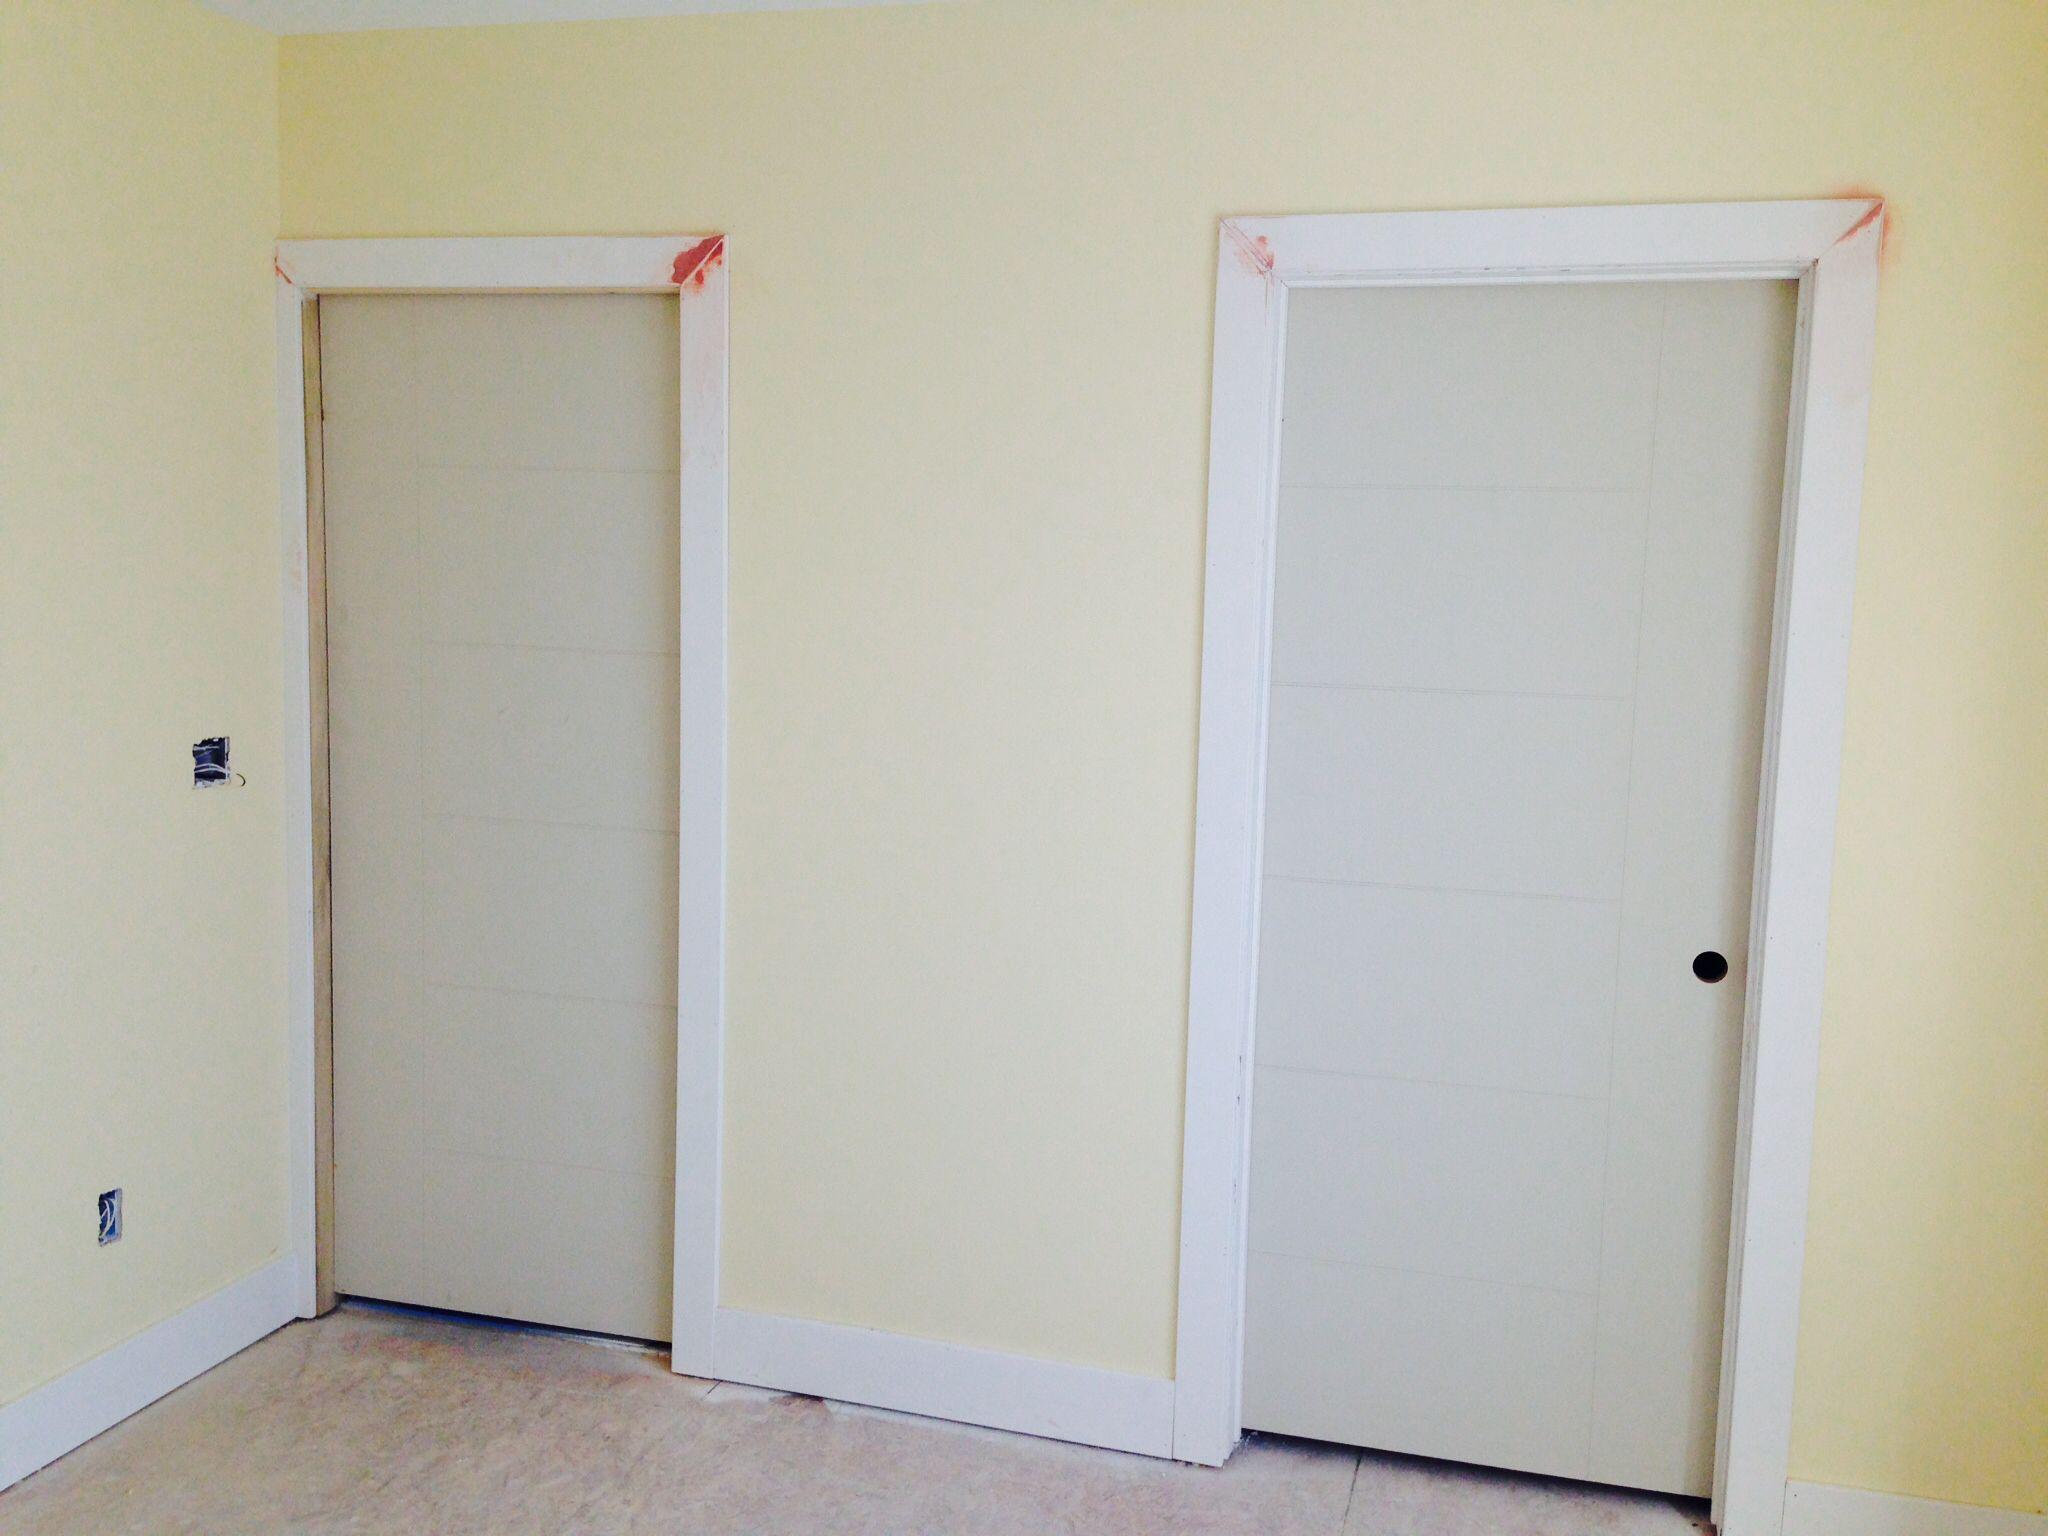 Pocket door on left walk in closet door on right